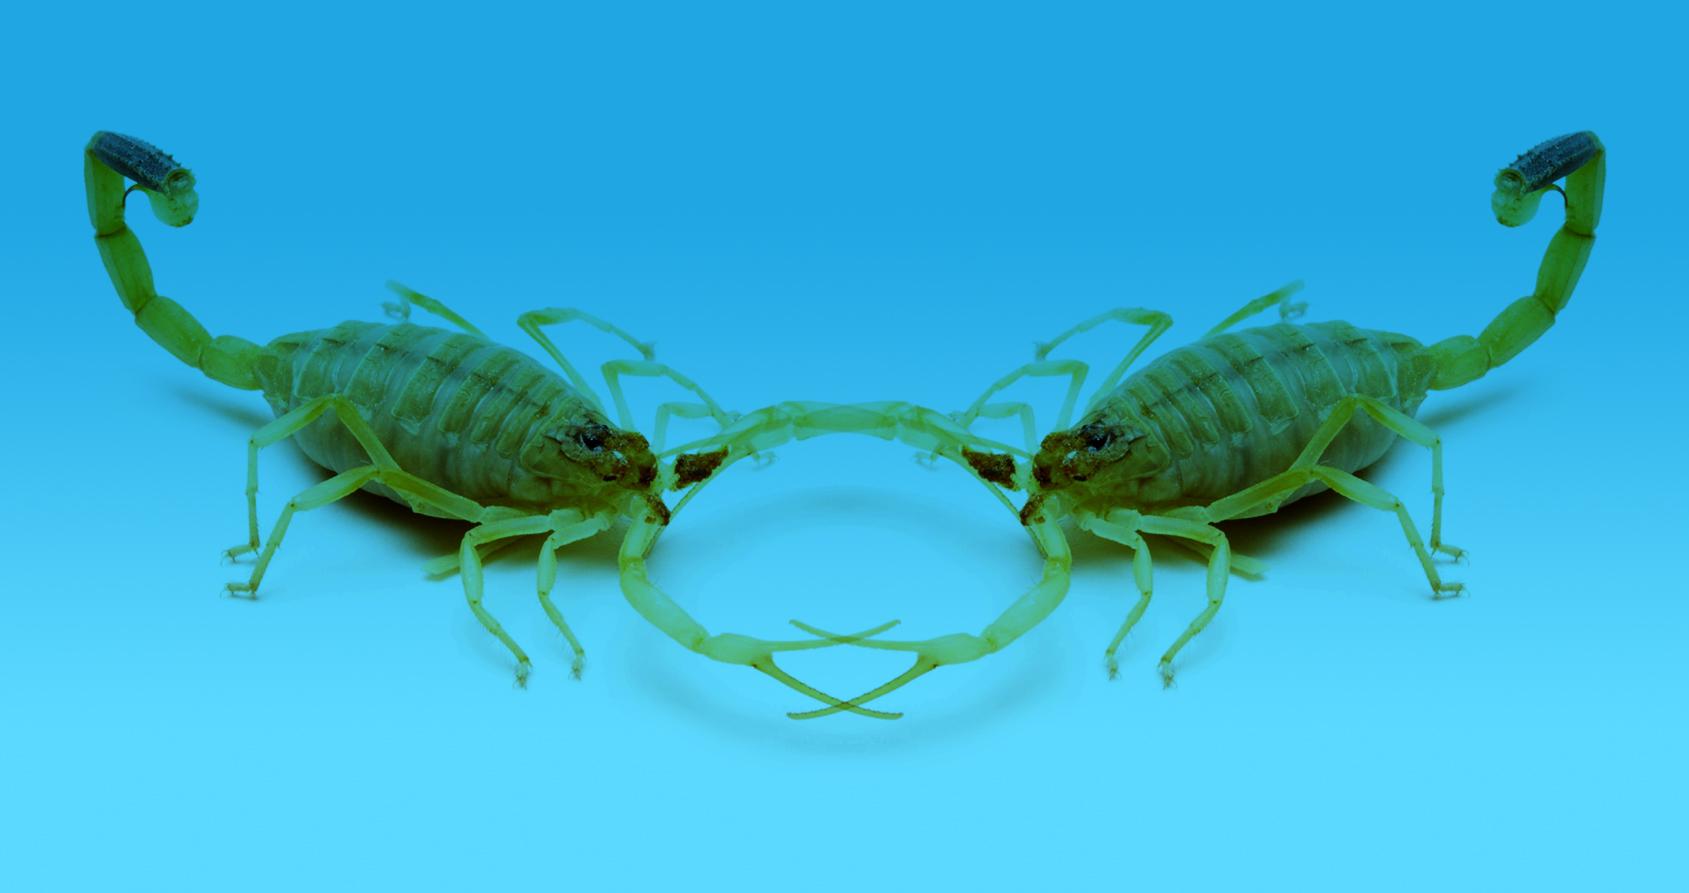 Le médecin qui voulait soigner le cancer avec du venin de scorpion